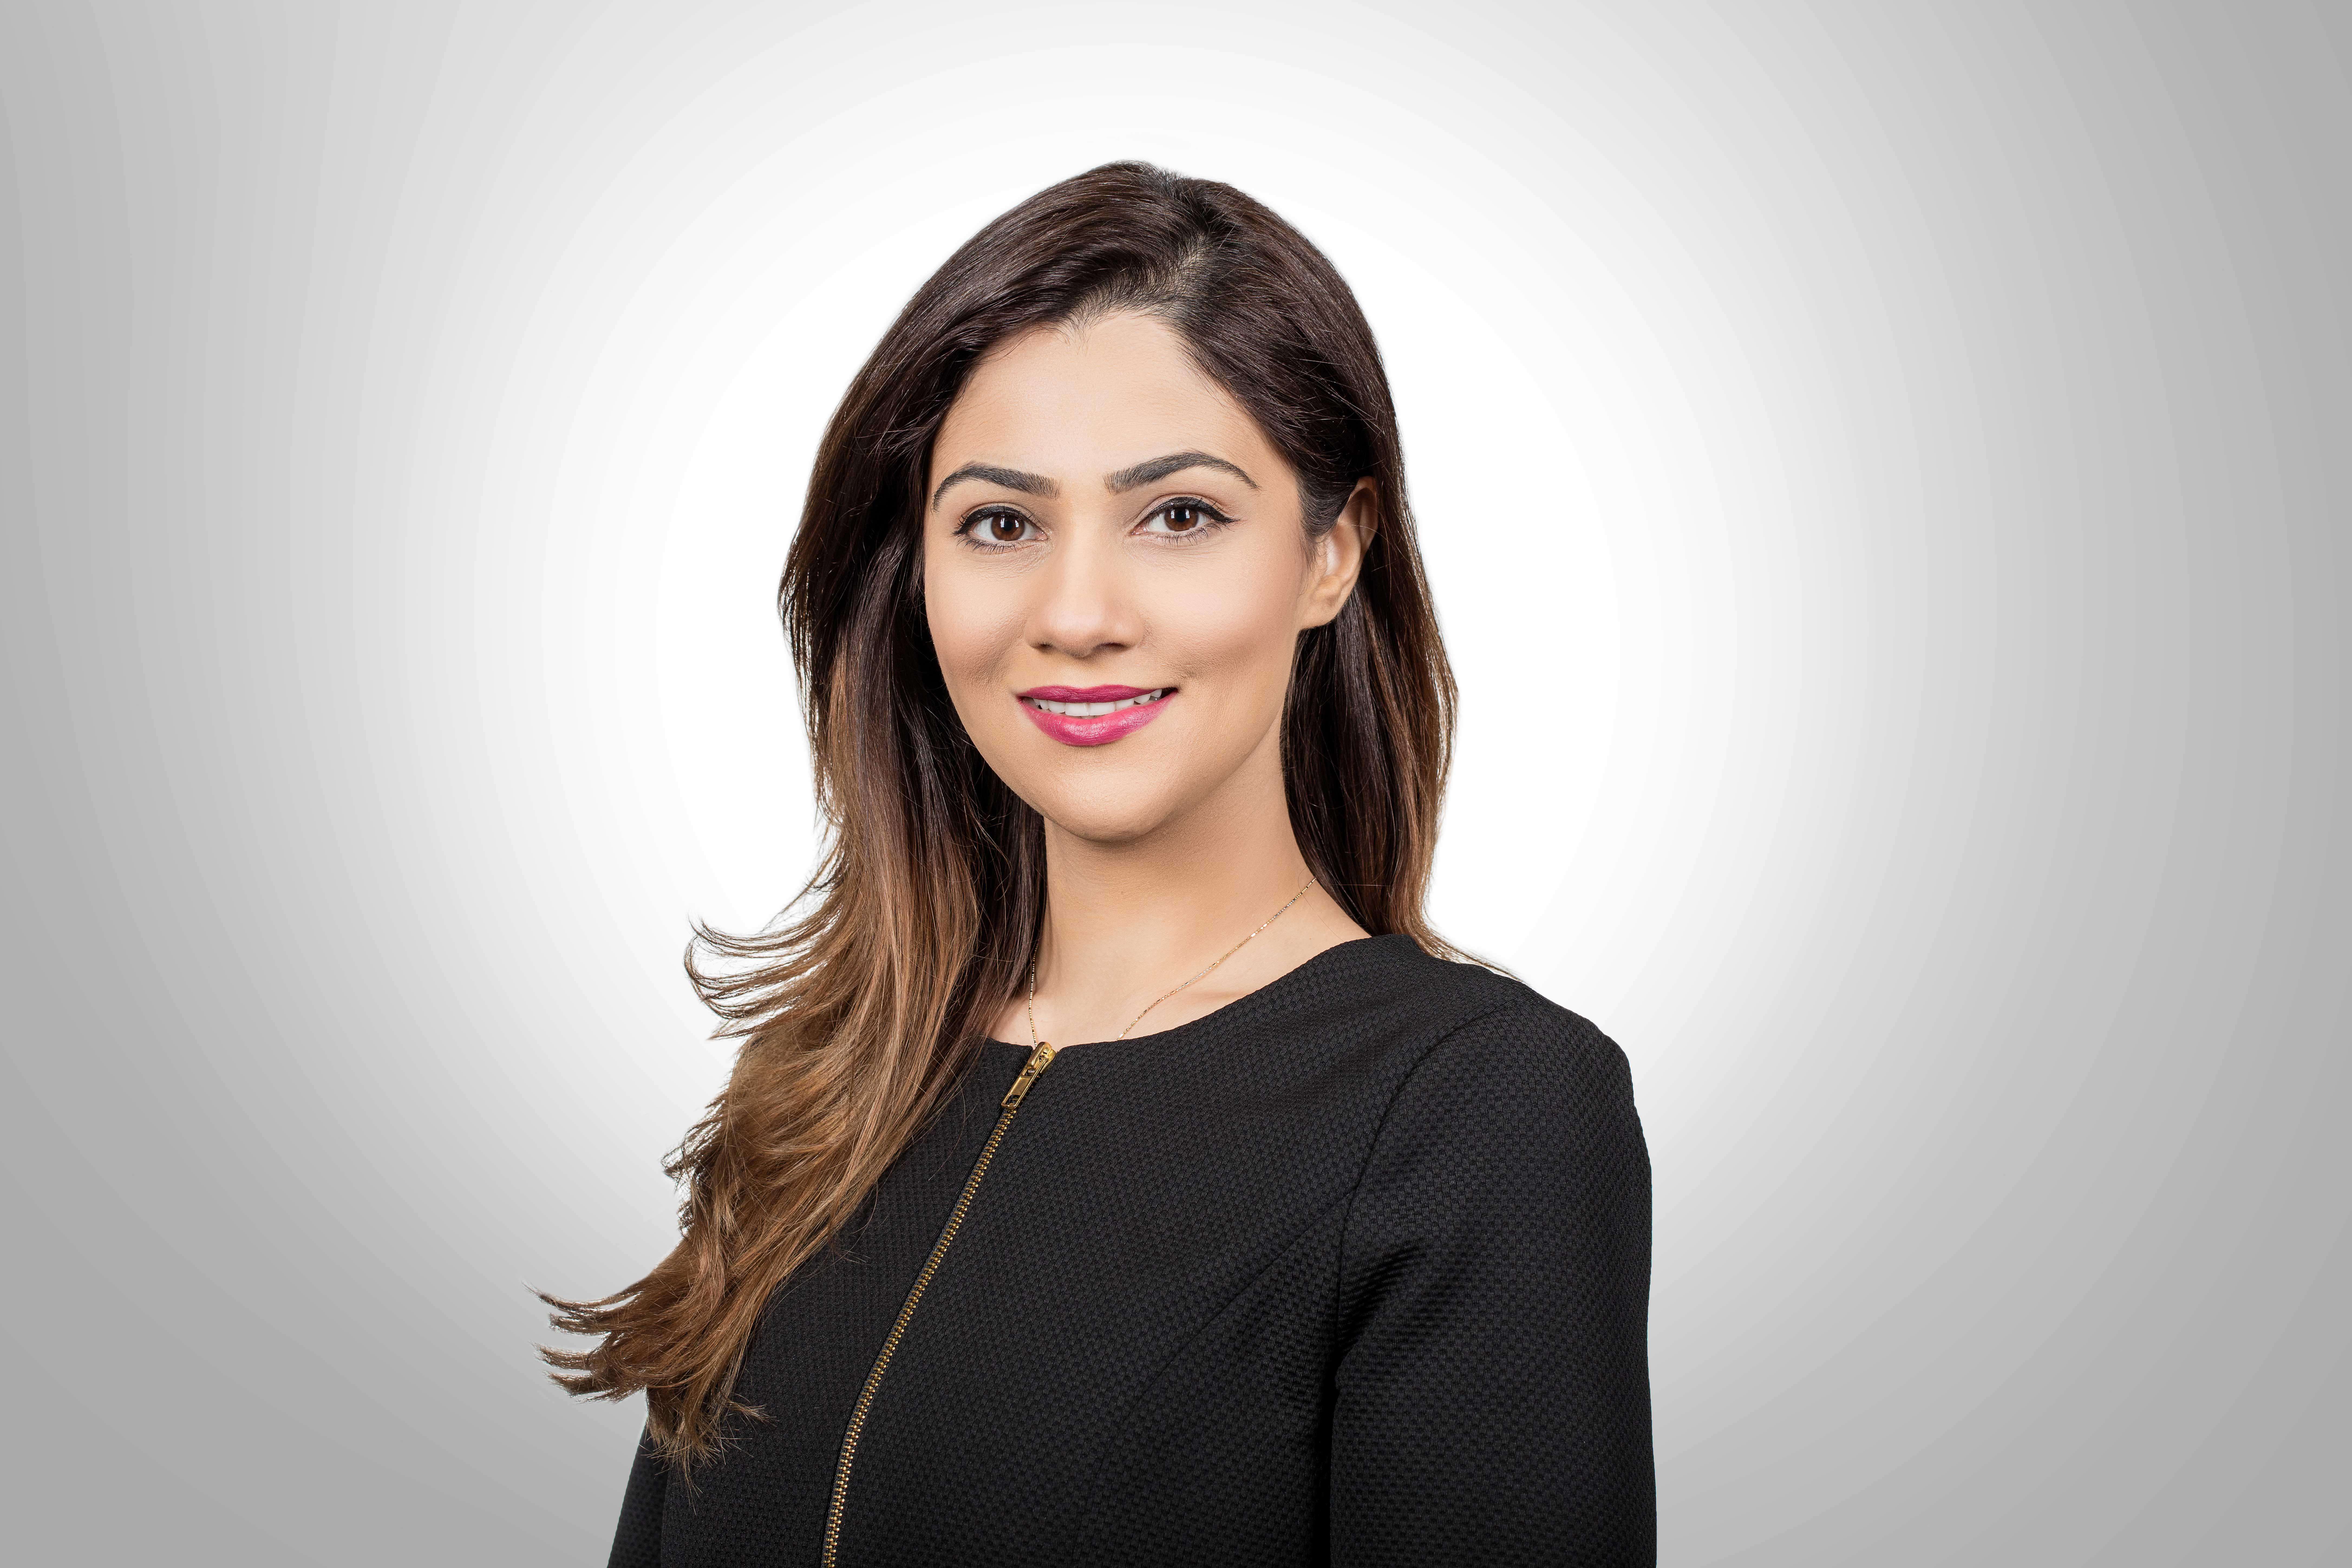 دلال بوحجي، مدير أول الخدمات المالية في مجلس التنمية الاقتصادية في البحرين